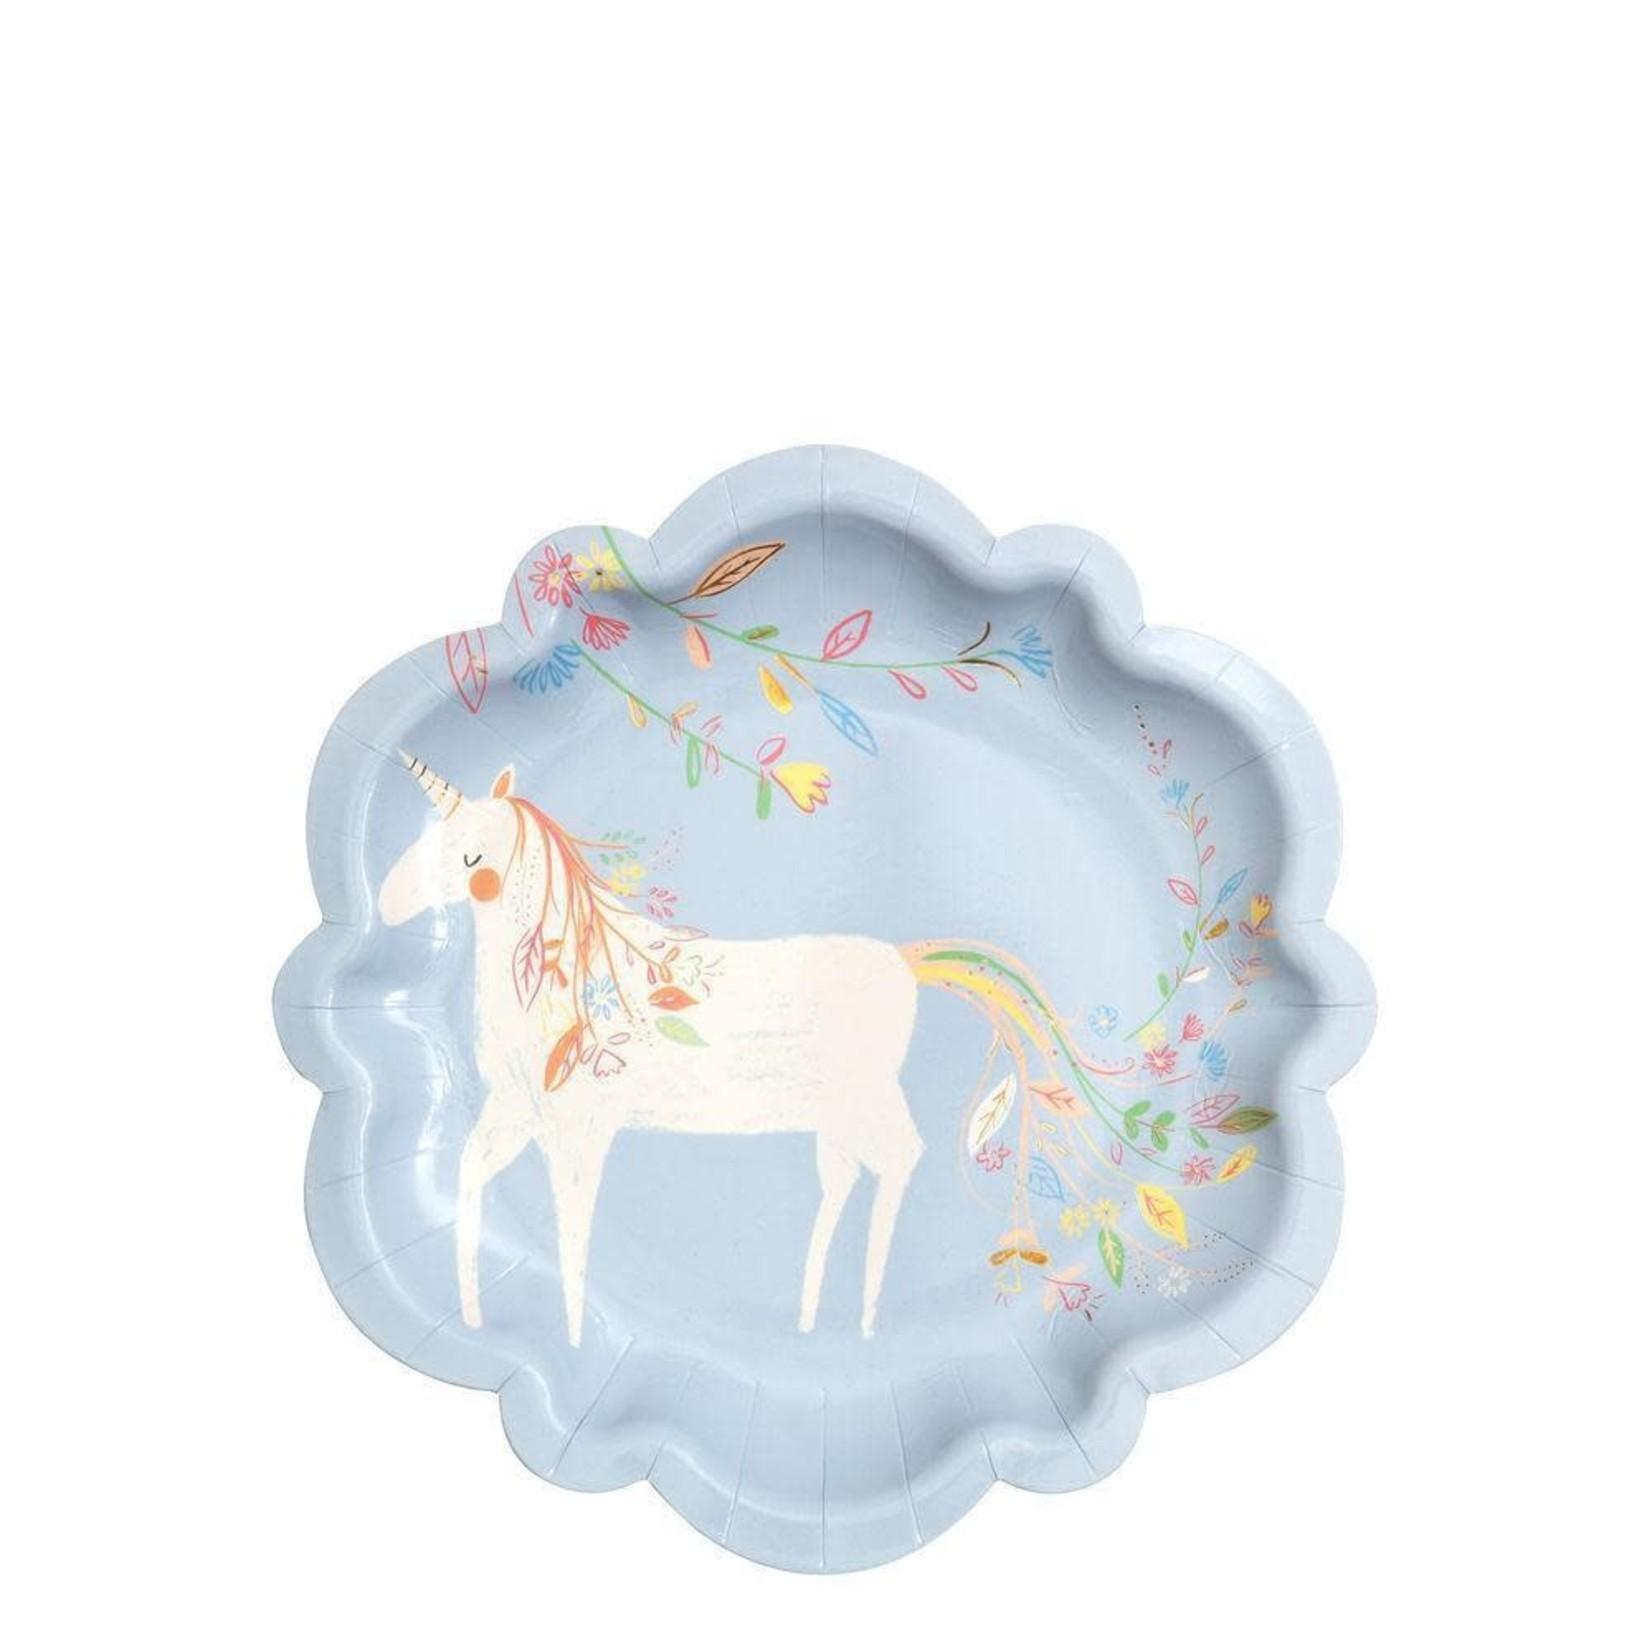 Meri meri Meri meri - Assiettes licorne